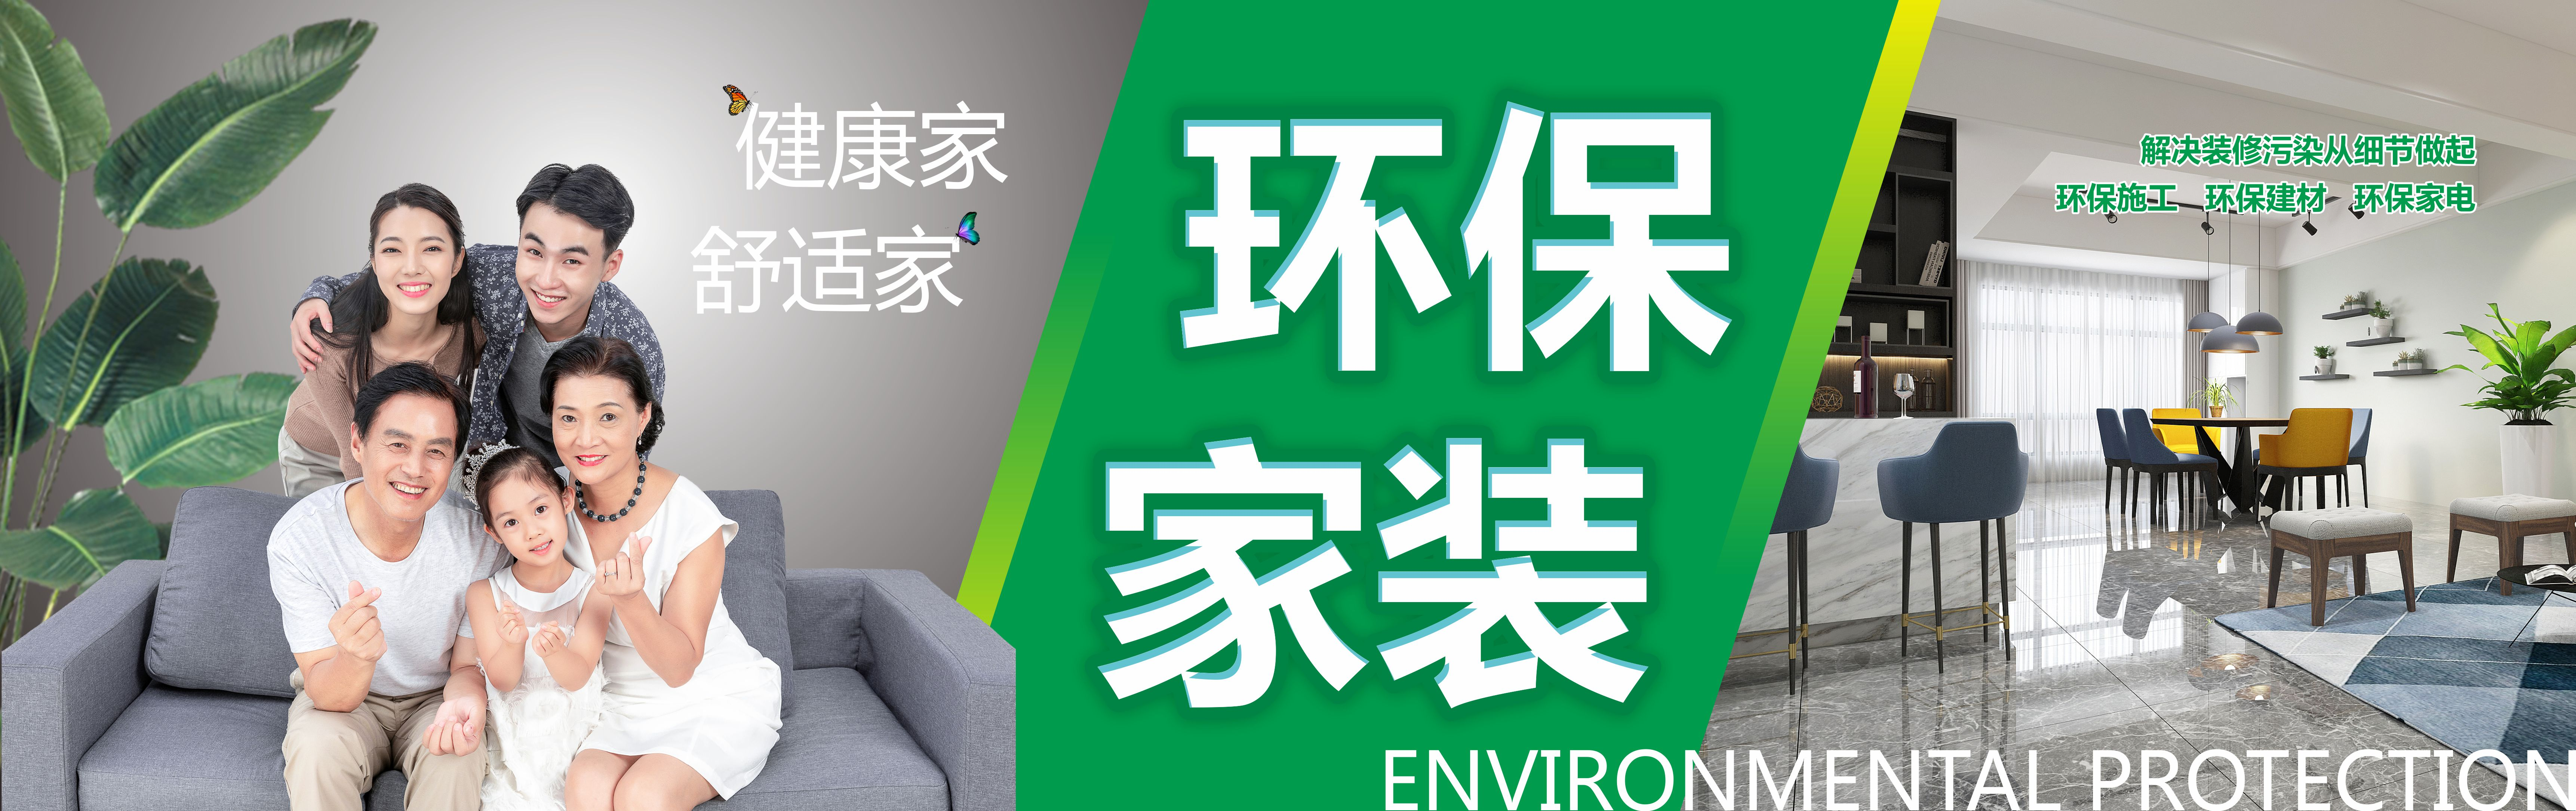 重庆室内设计公司